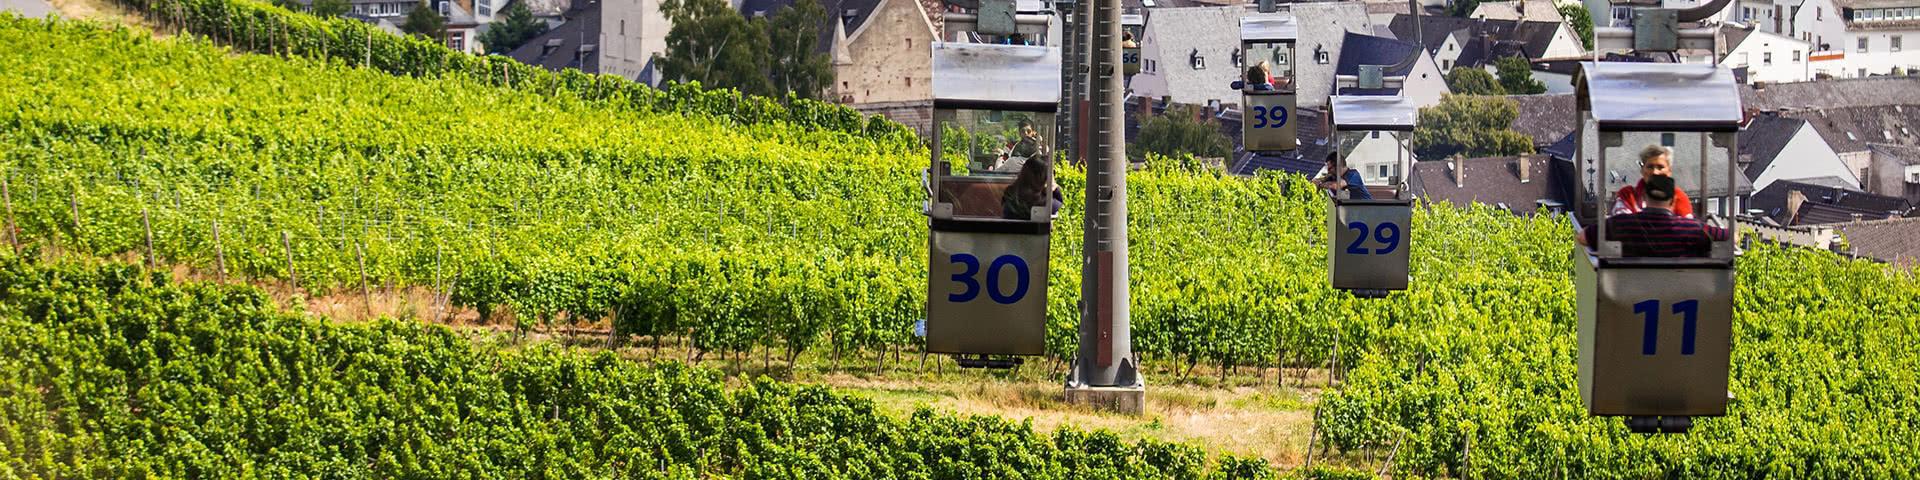 Seilbahnfahrt über die Weinberge in Rüdesheim